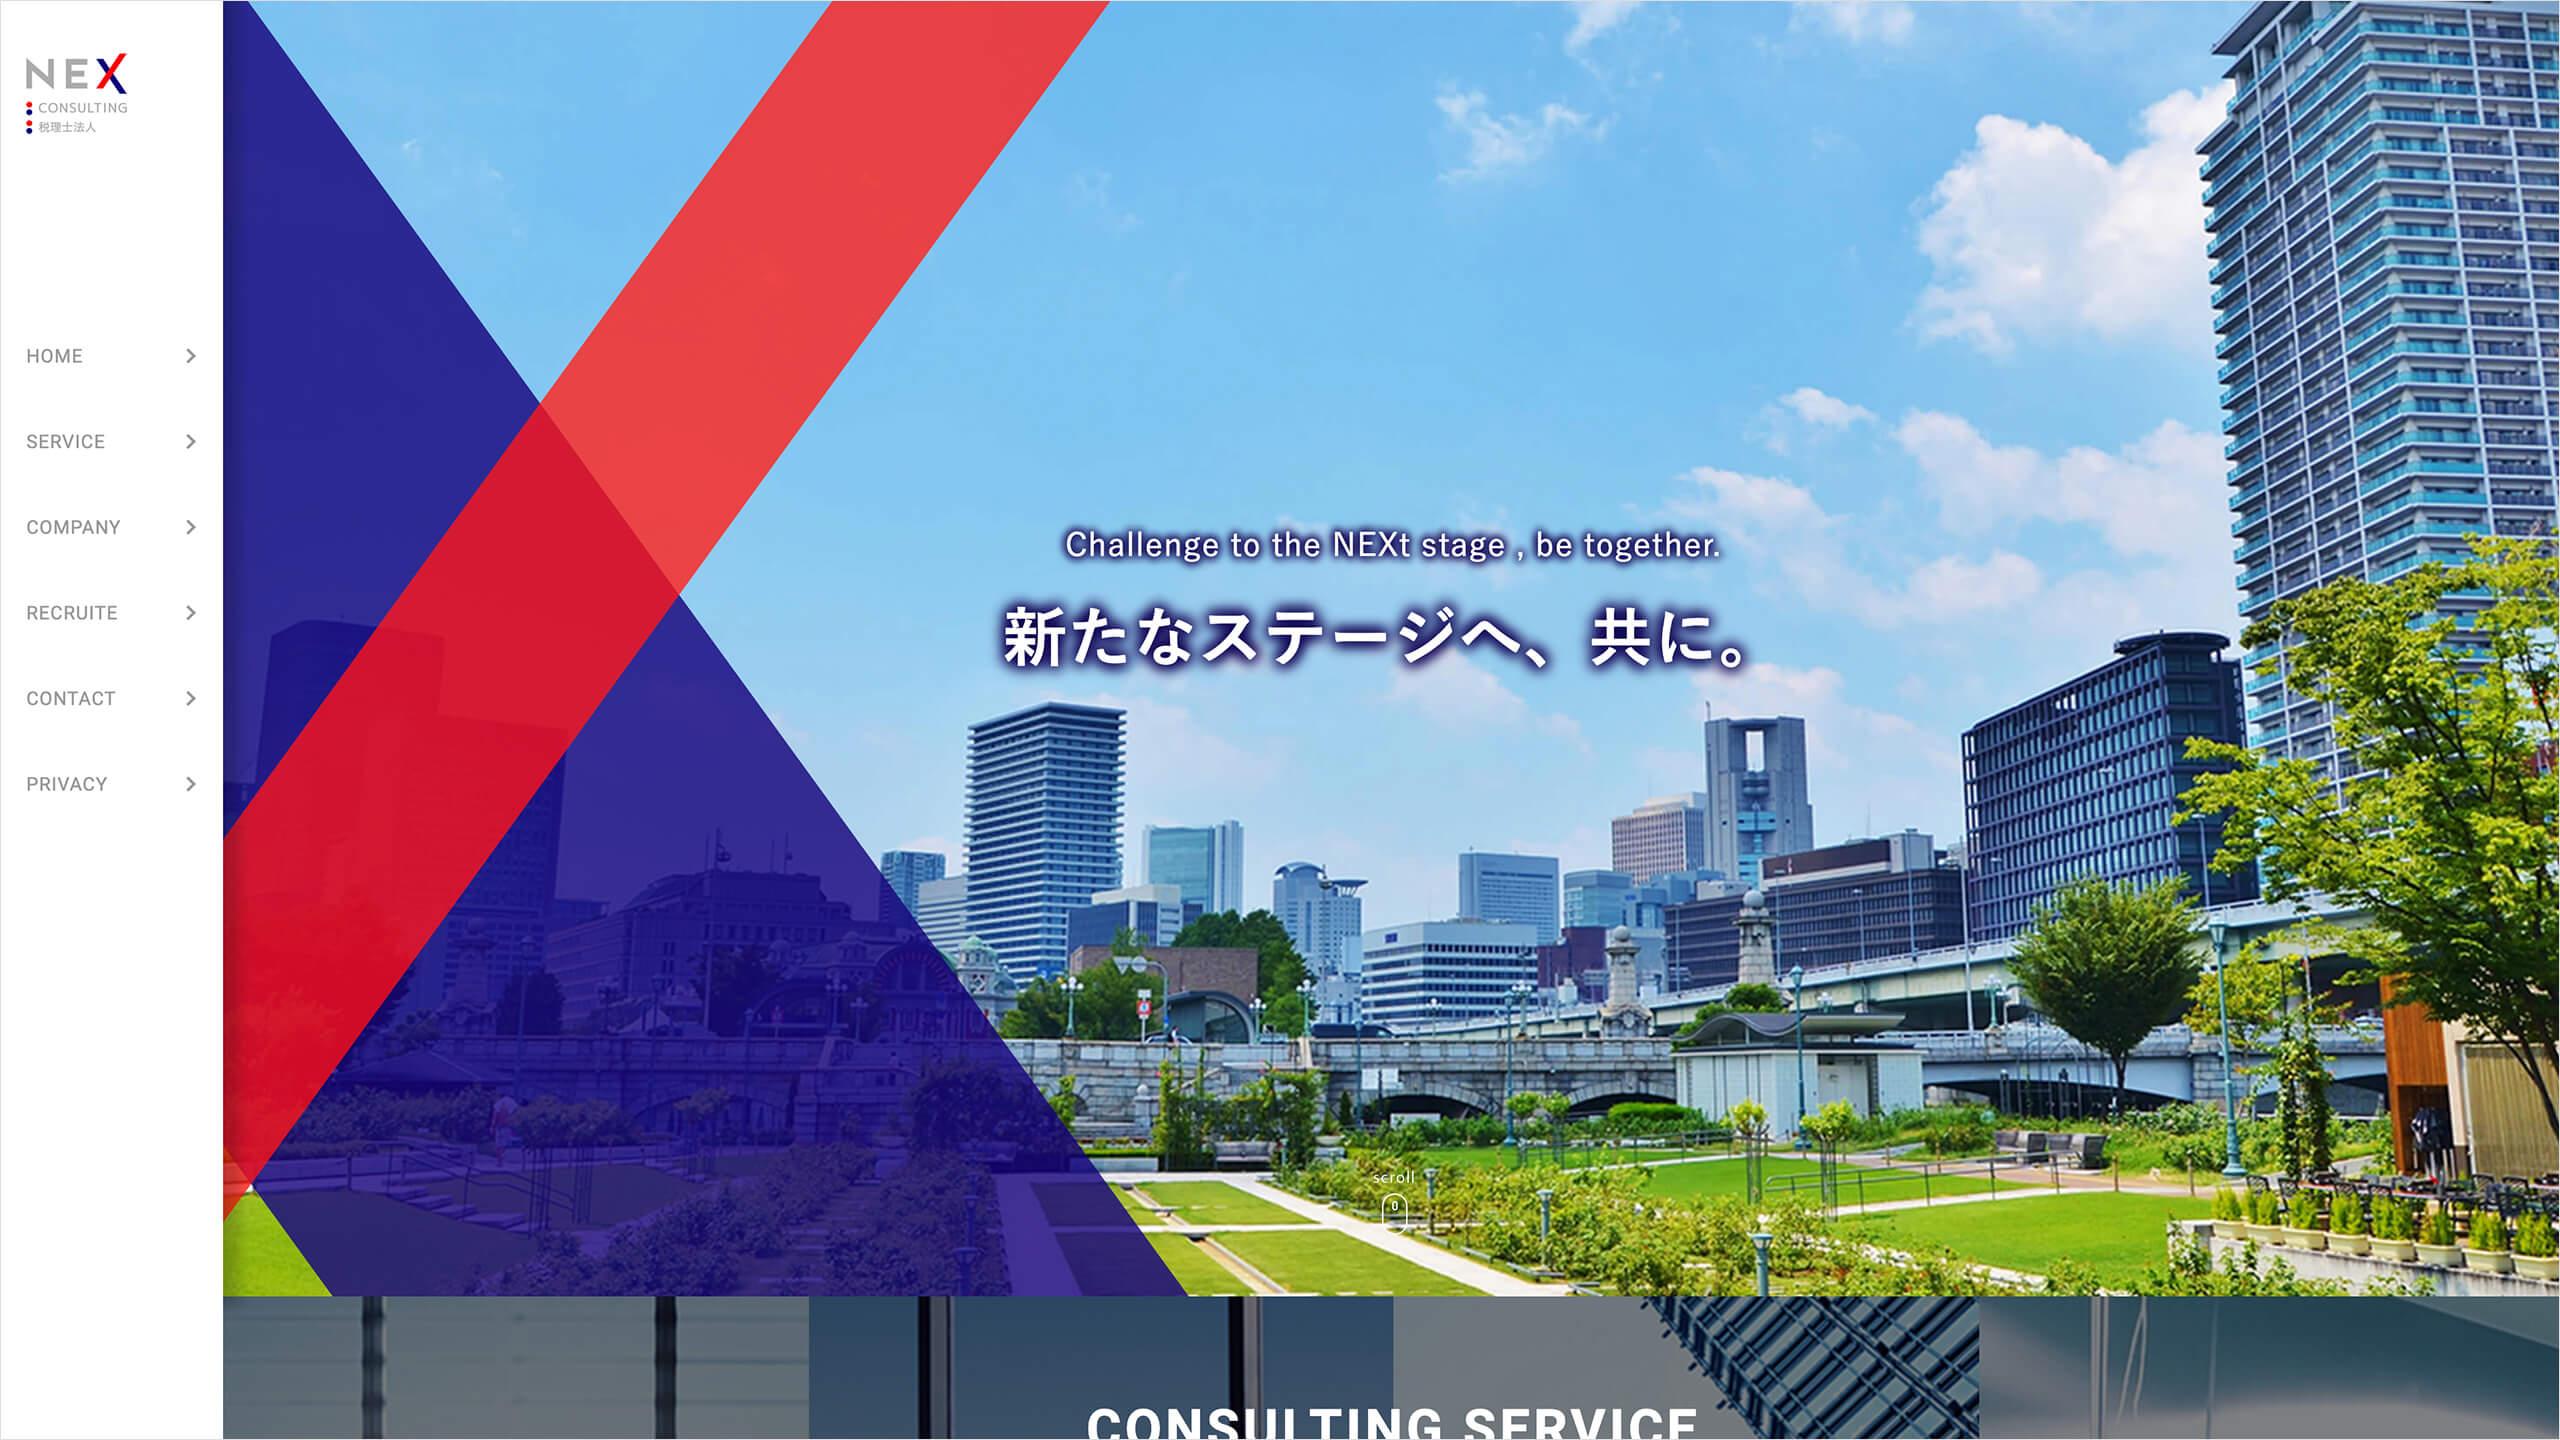 WEBサイト制作_NEXConsulting_コーポレートサイト